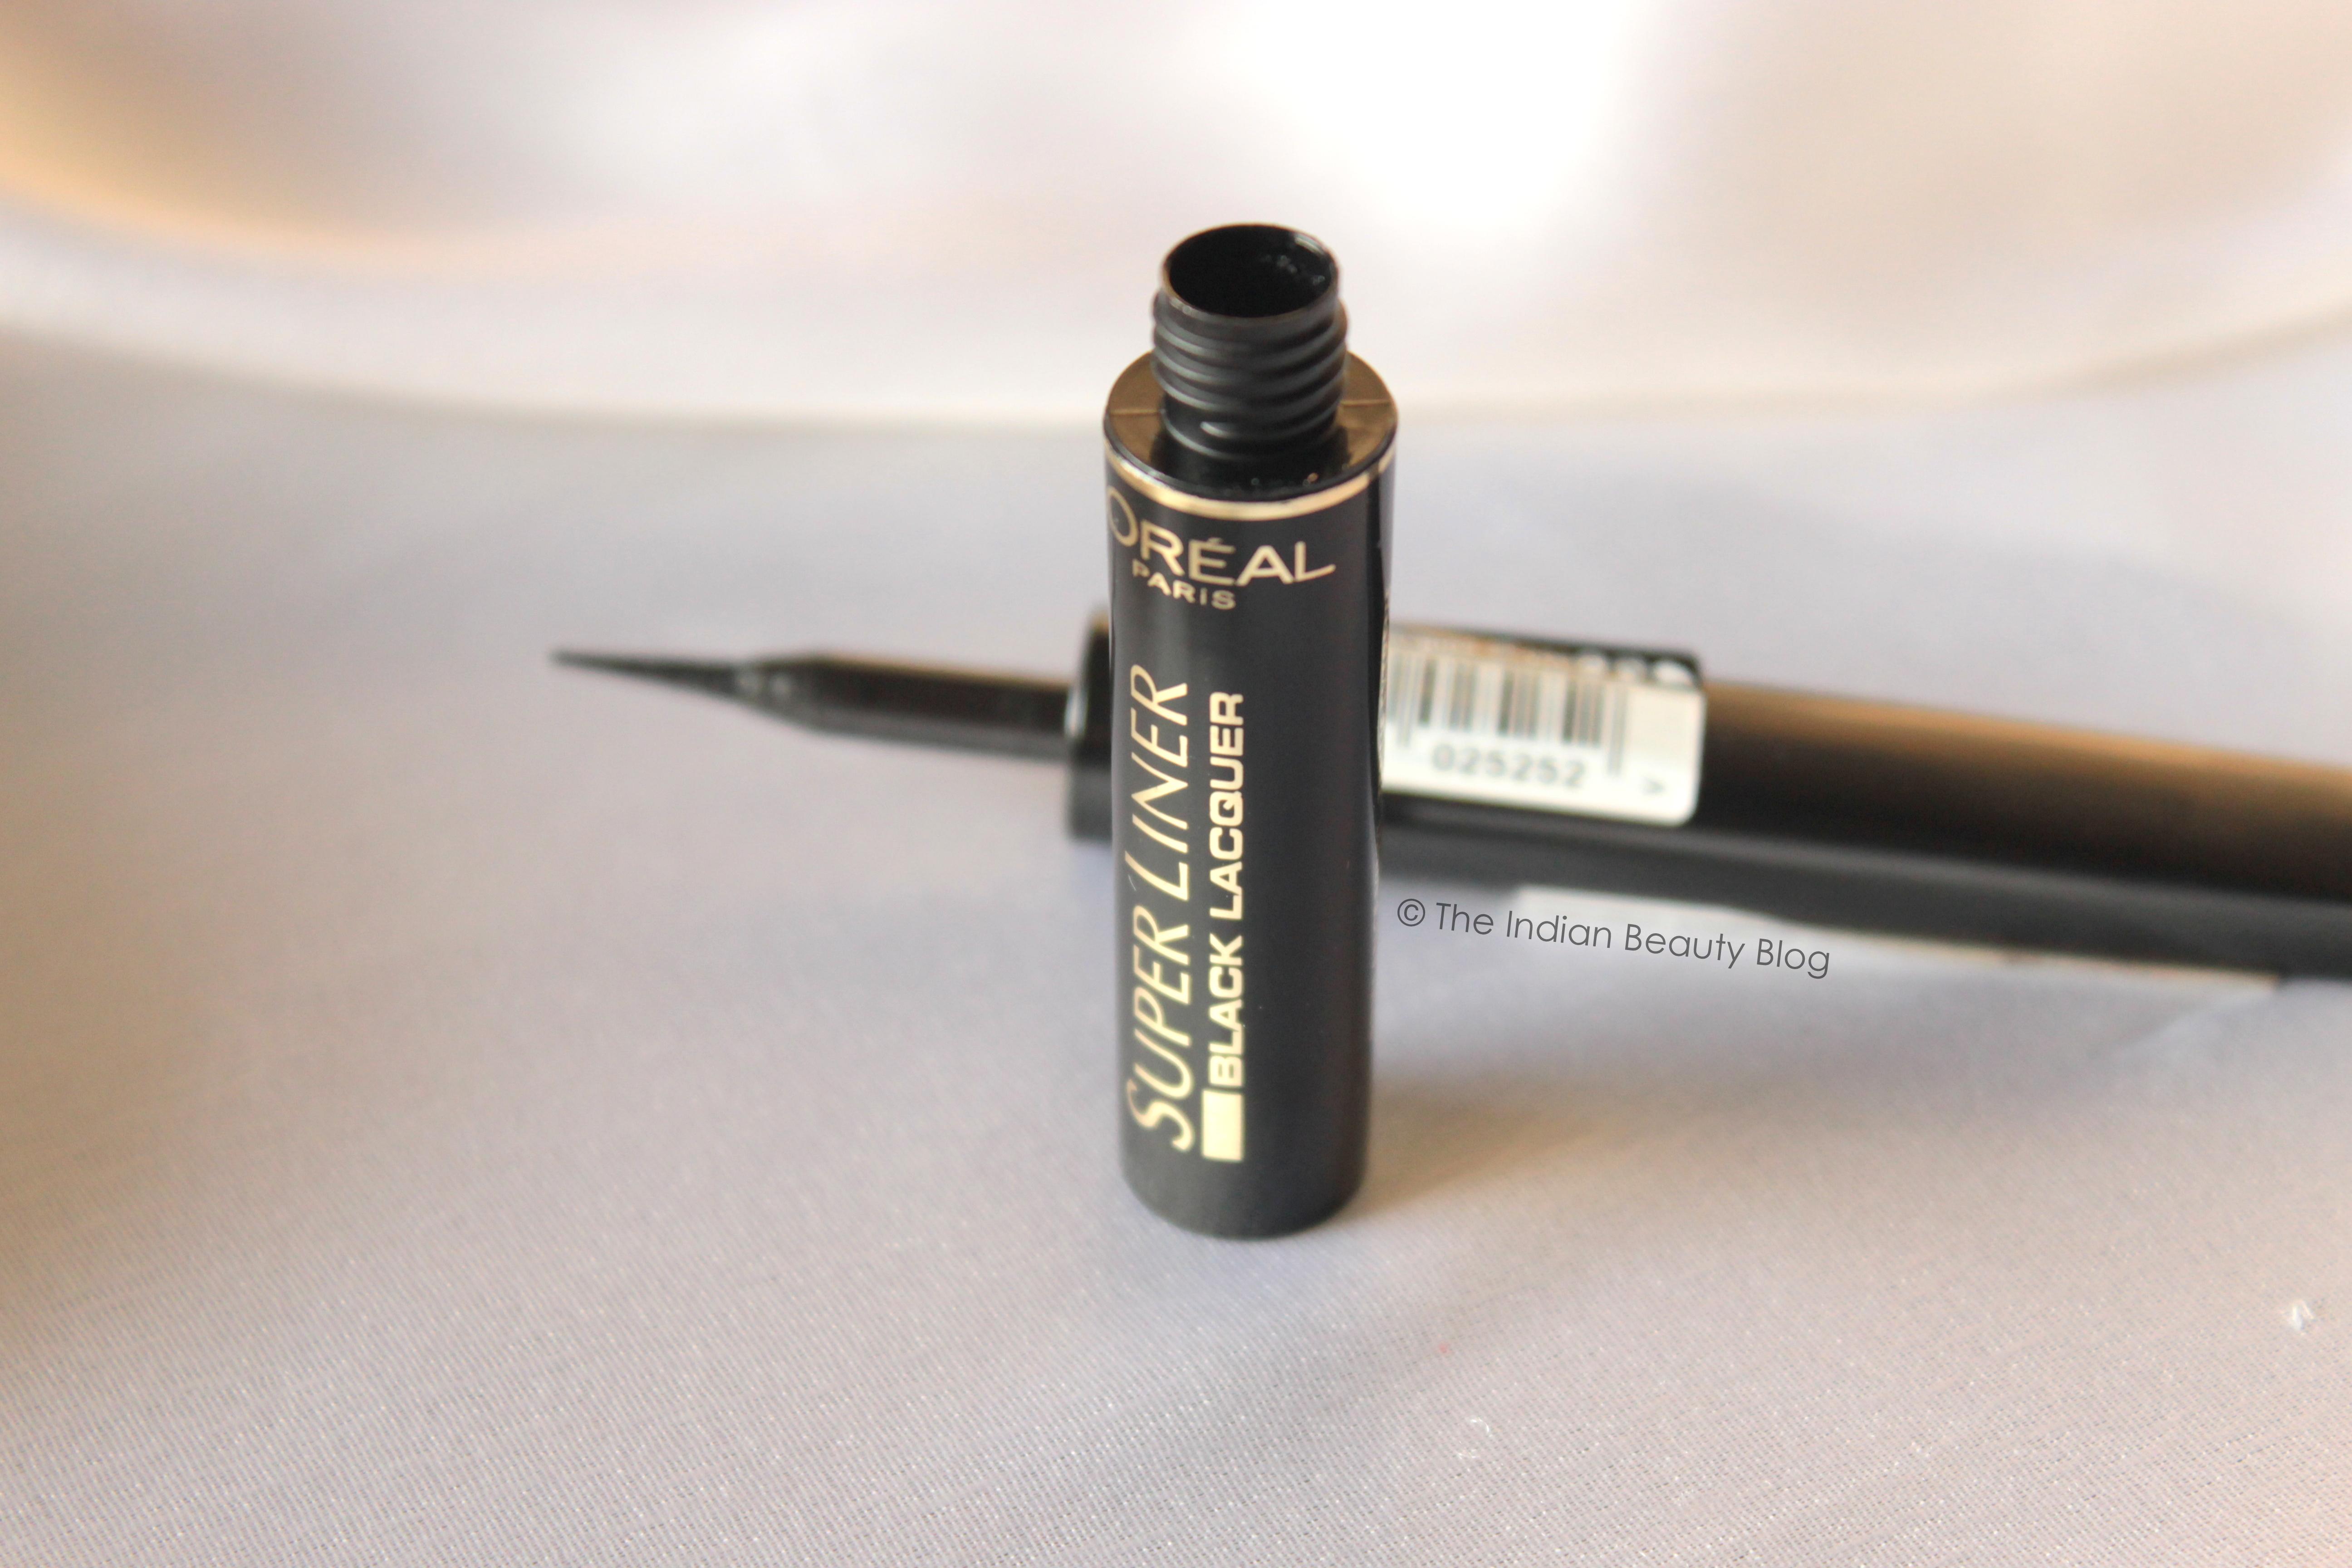 L'Oreal Paris Super Liner Black Lacquer- Review, swatch